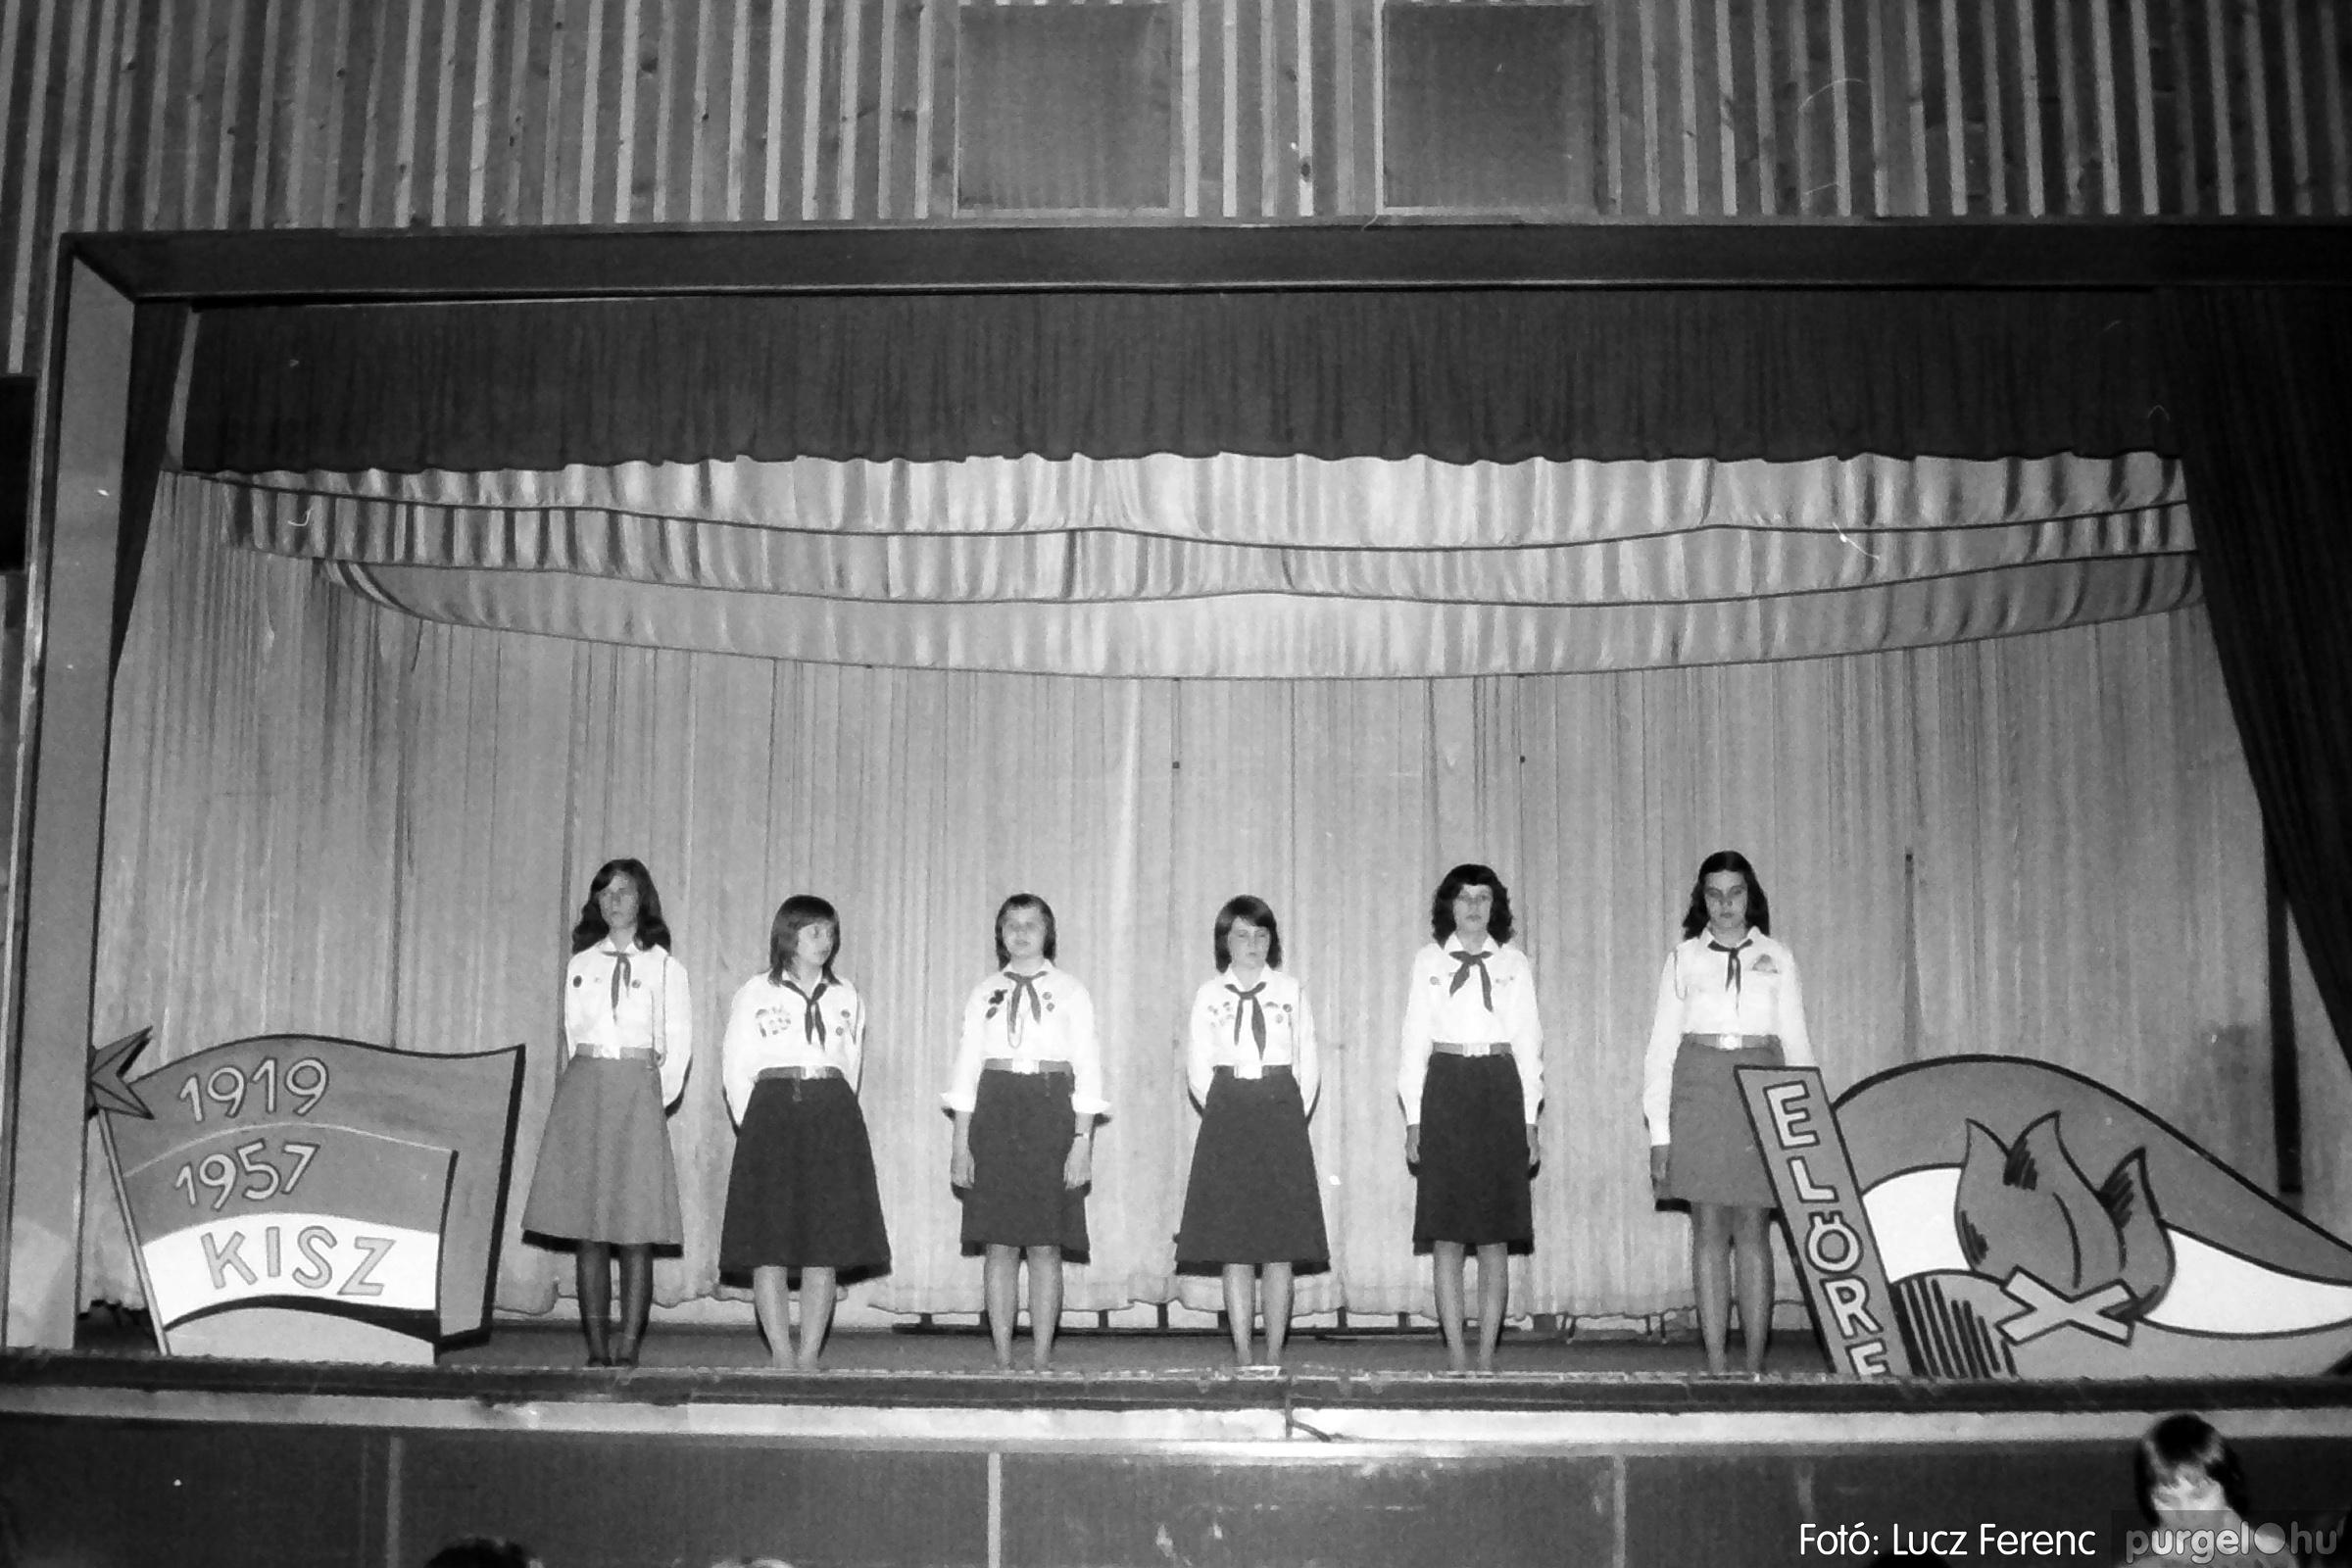 077. 1977. Iskolások fellépése a kultúrházban 030. - Fotó: Lucz Ferenc.jpg